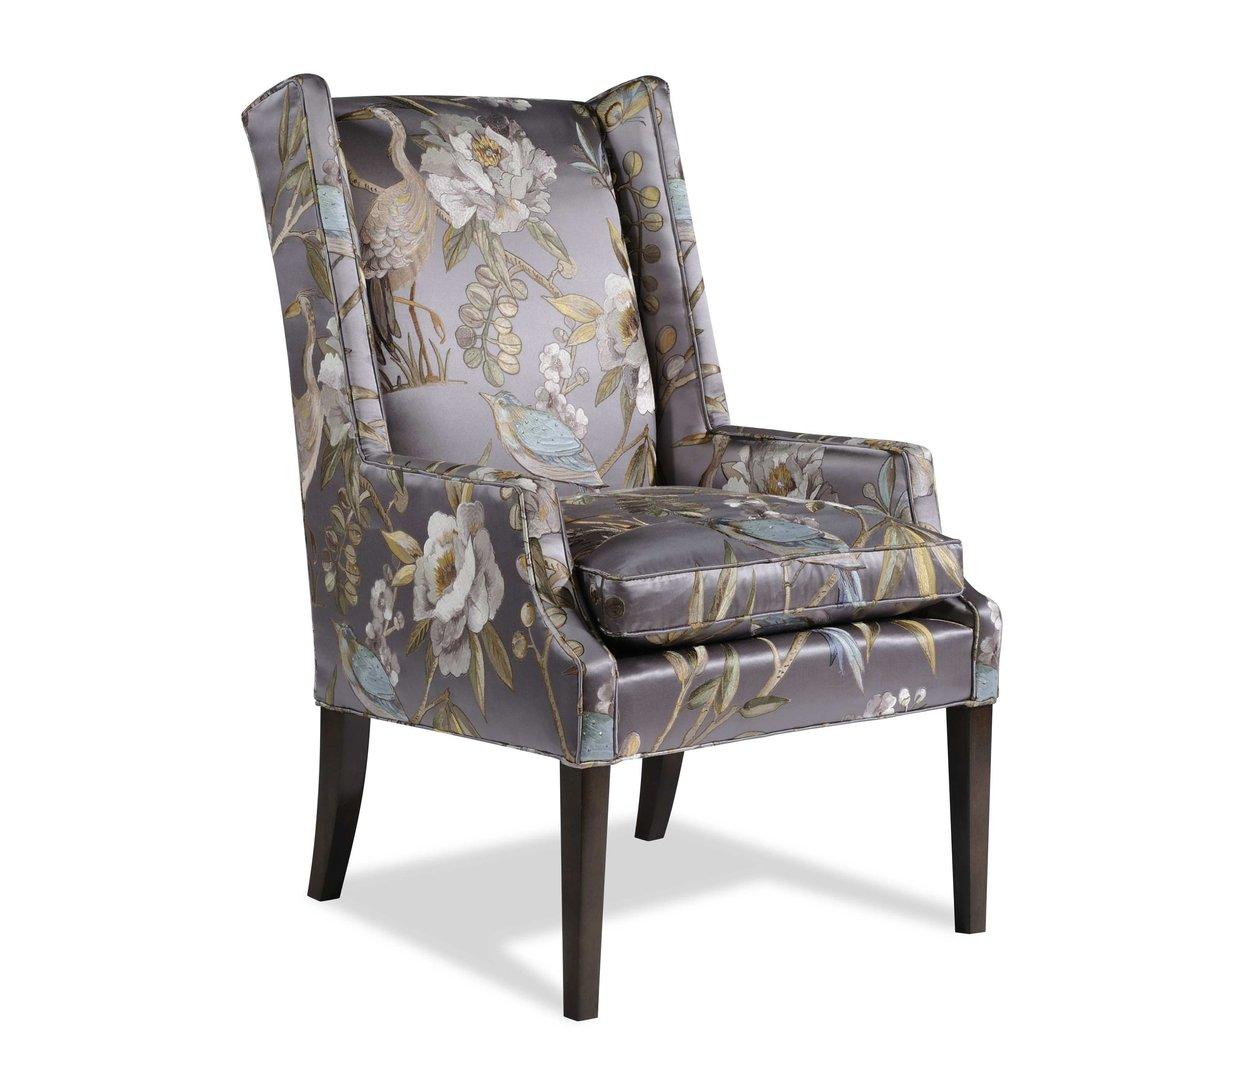 Kramer Chair Image